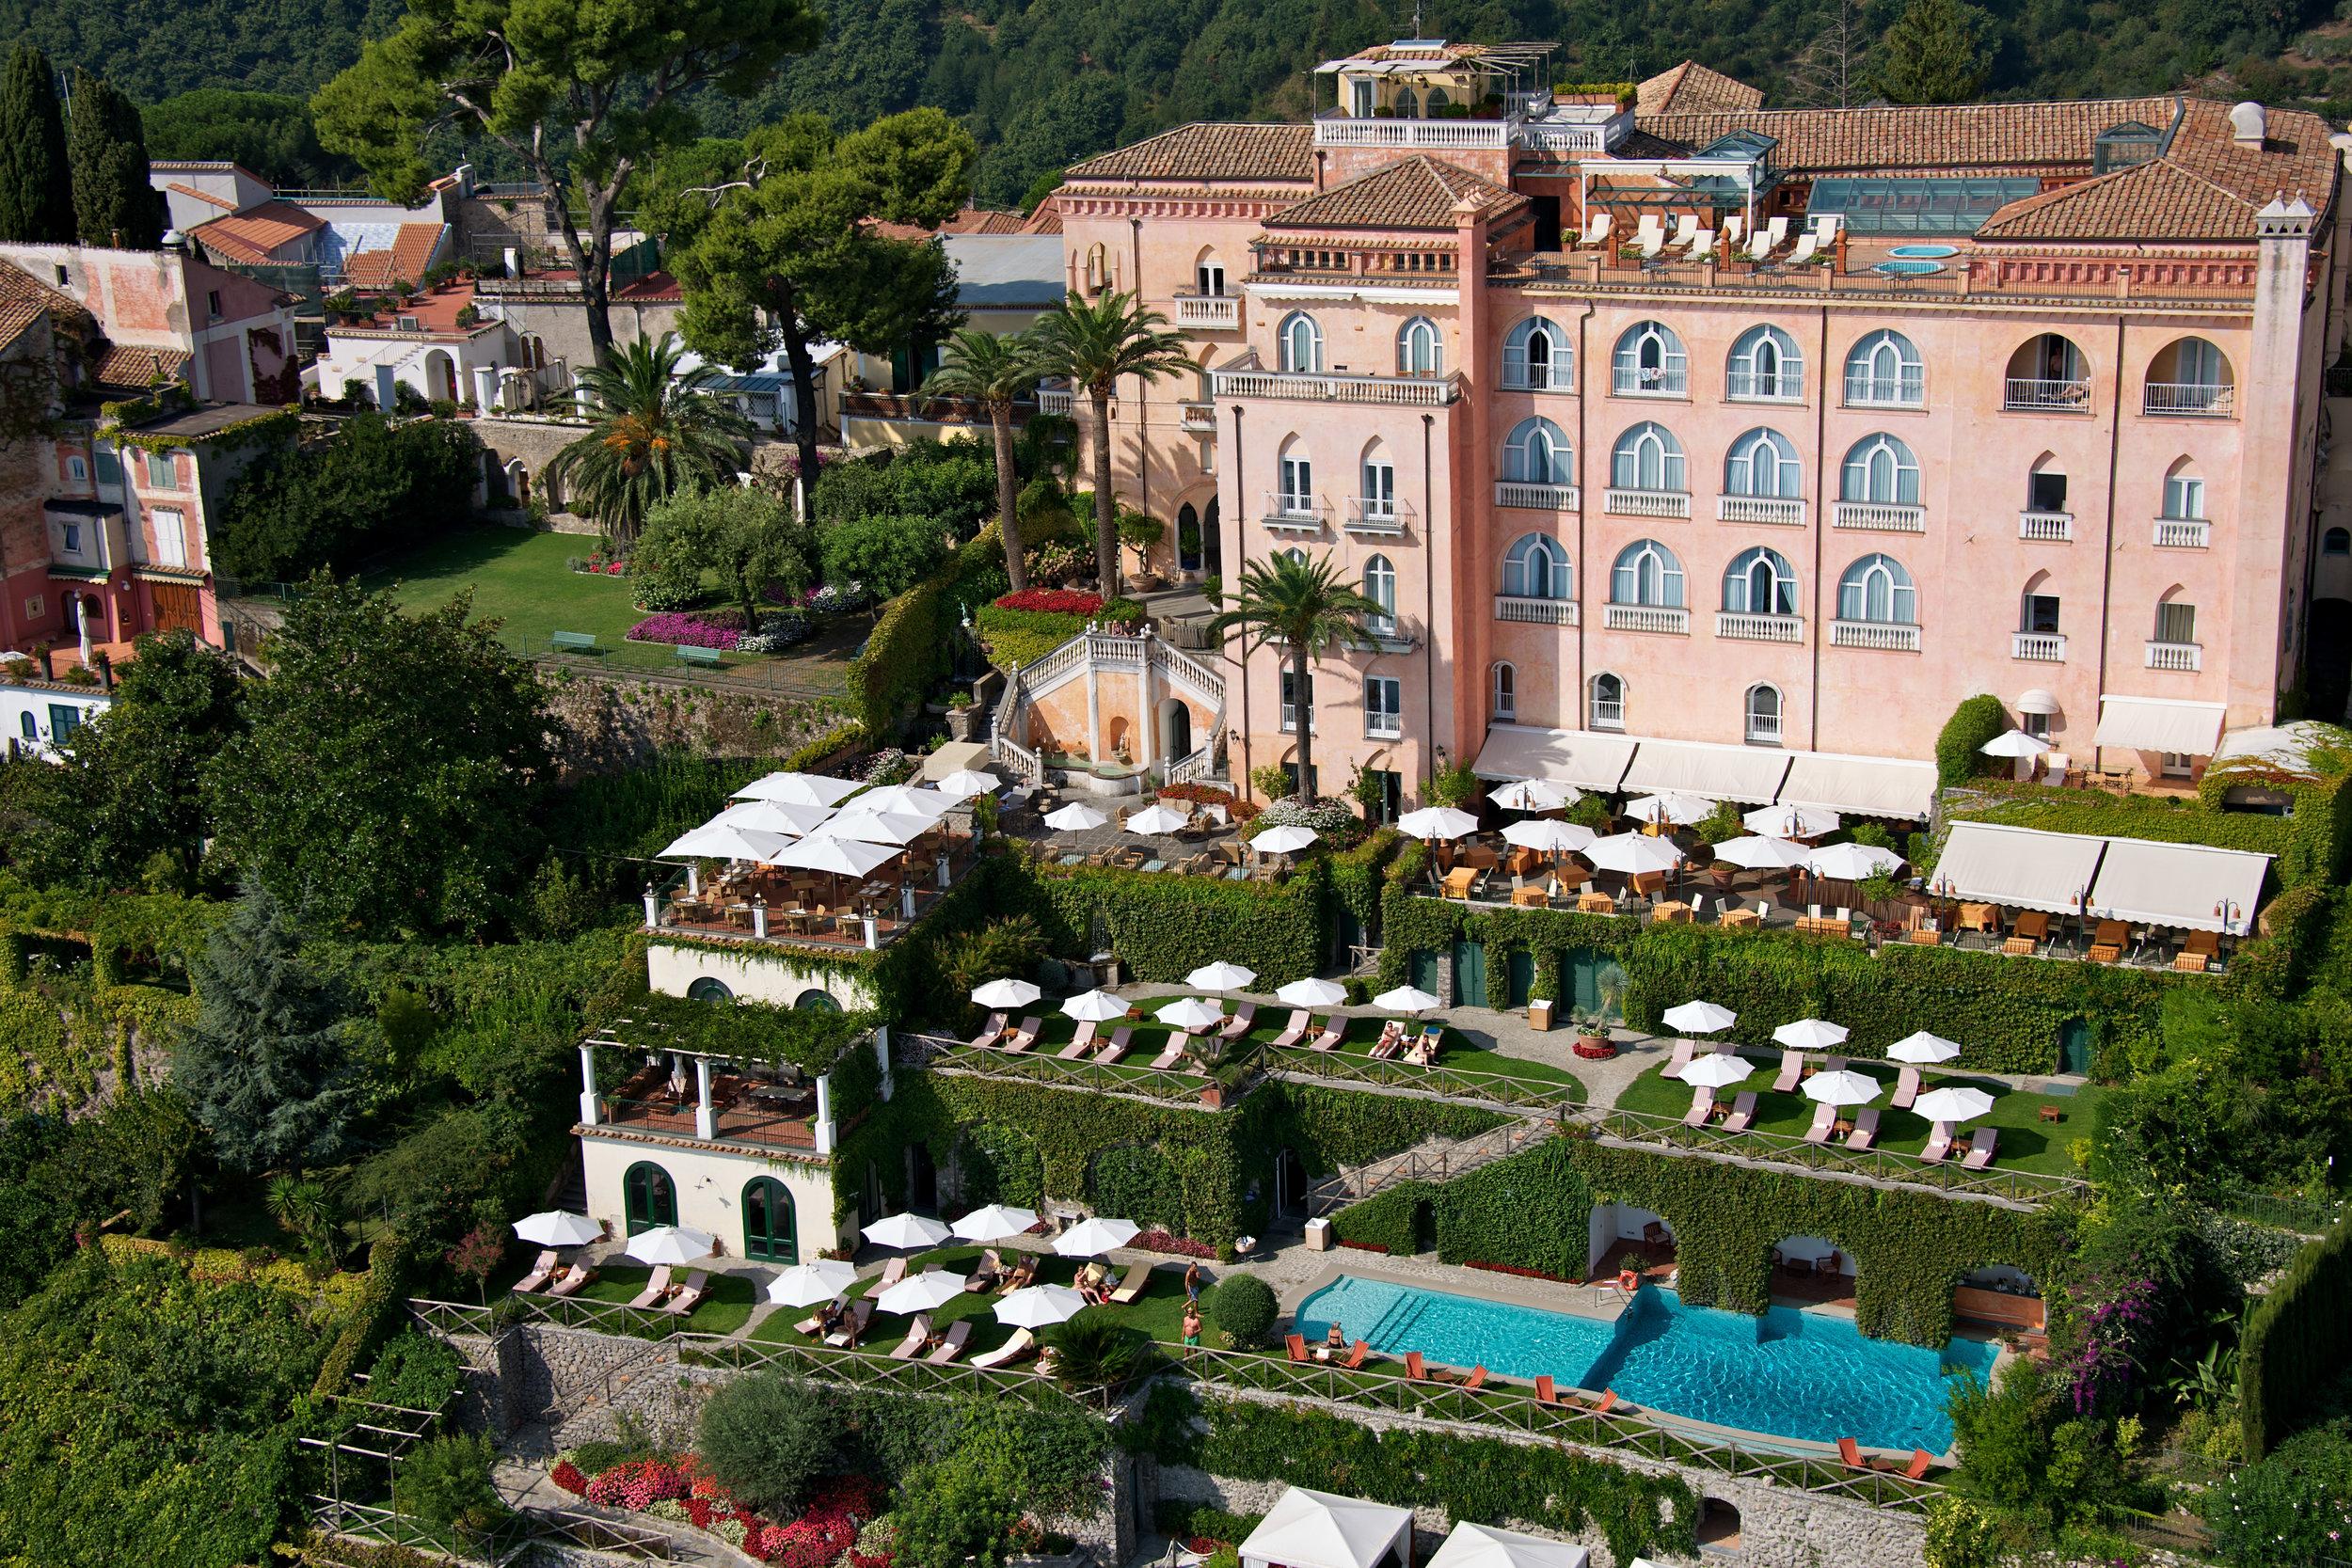 palazzo-avino-helicopter-view-3.jpg